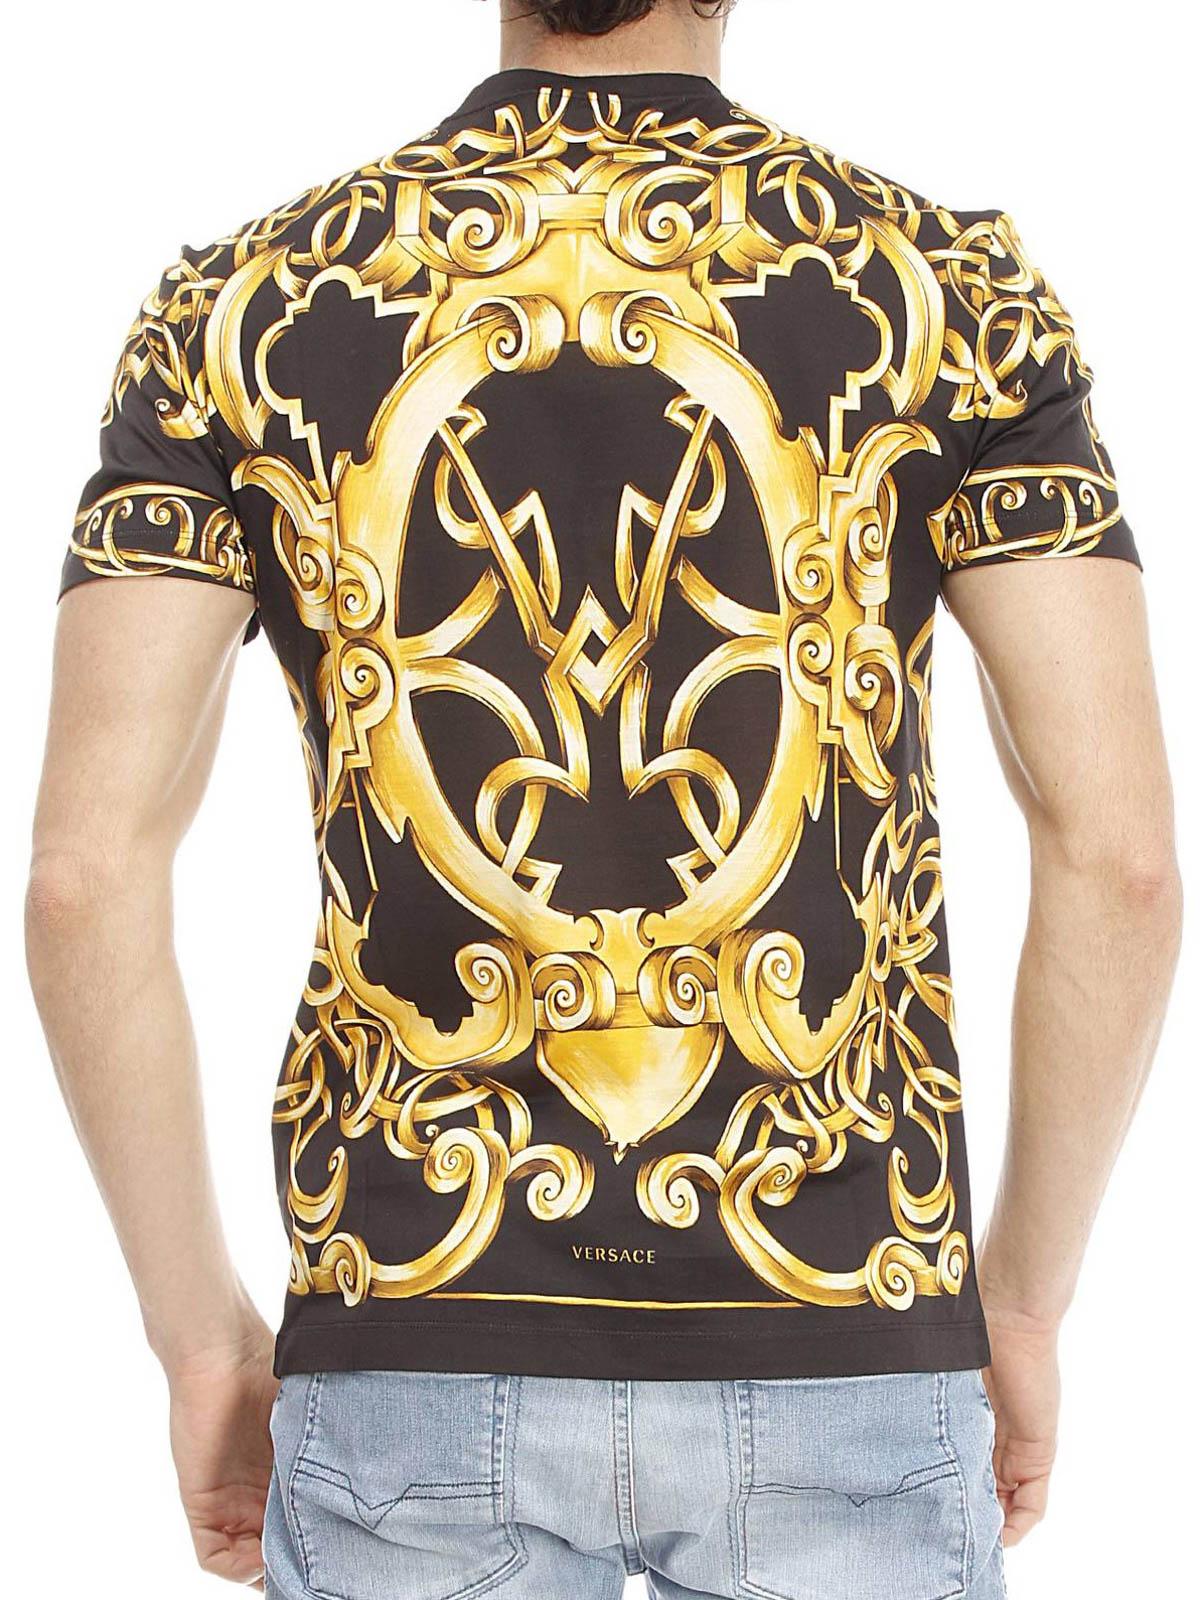 Versace - Barocco print T-shirt - t-shirts - A68988 ...